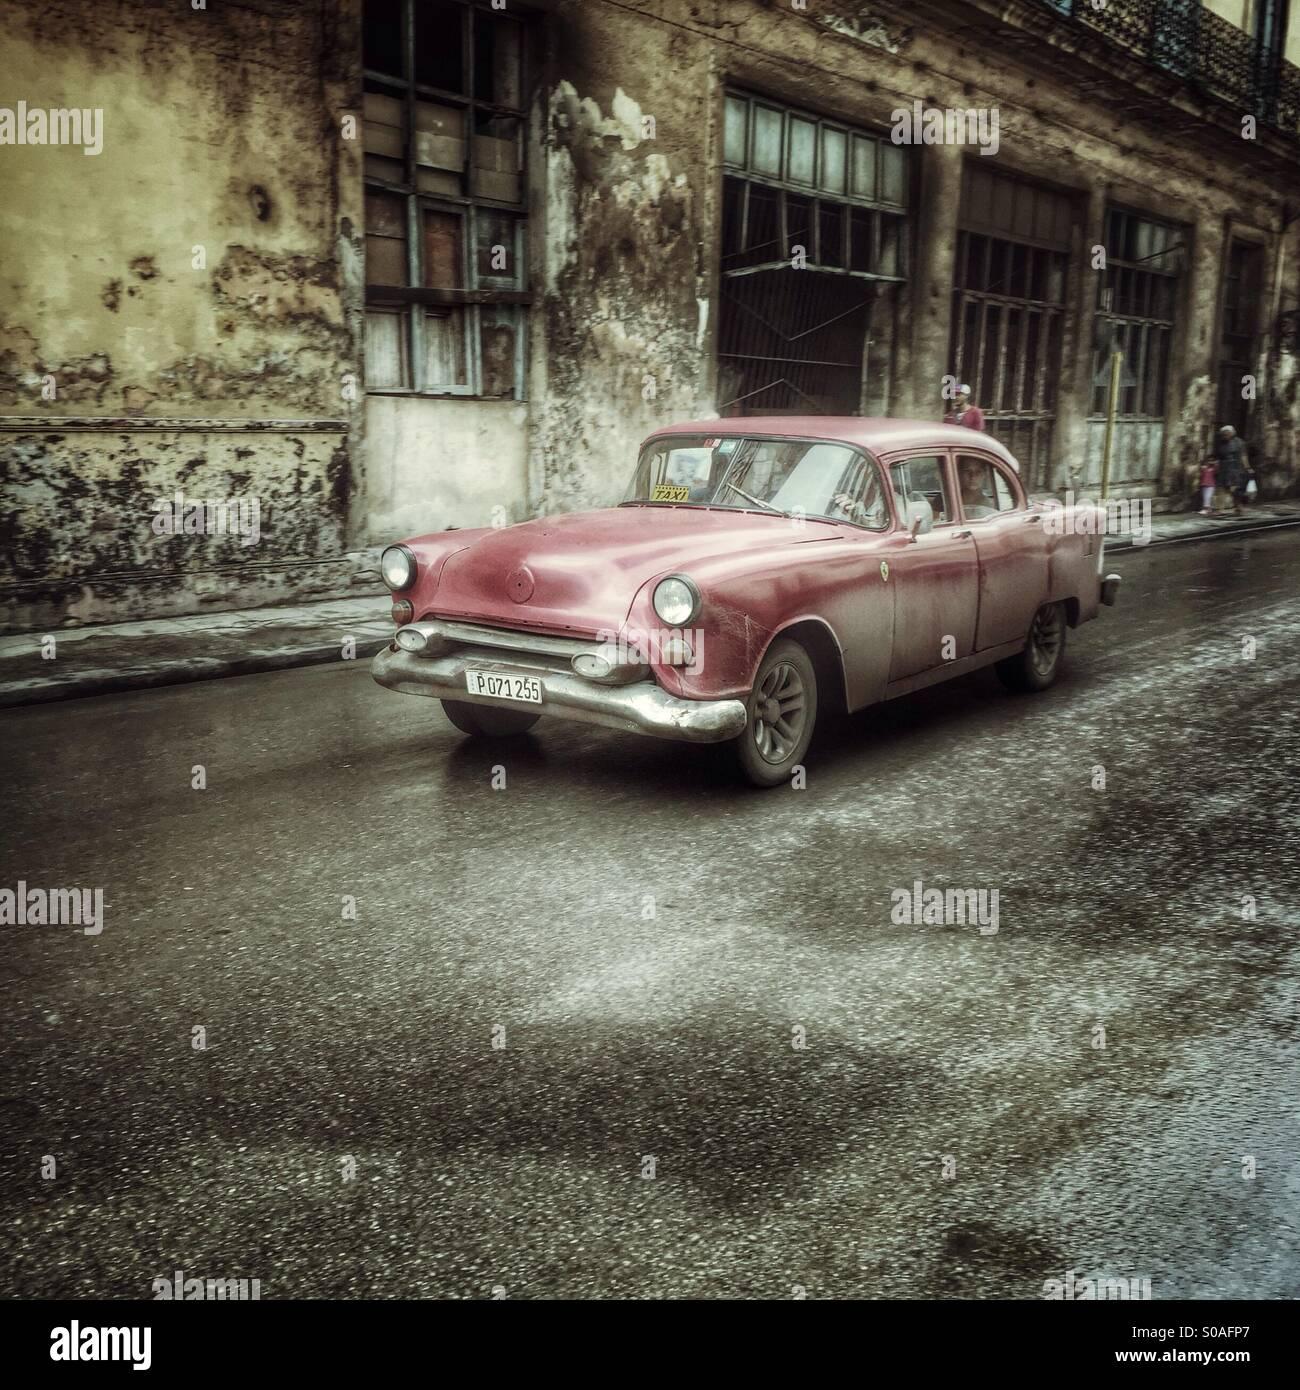 Rojo del automóvil clásico cubano en la Habana Vieja. La Habana, Cuba Foto de stock